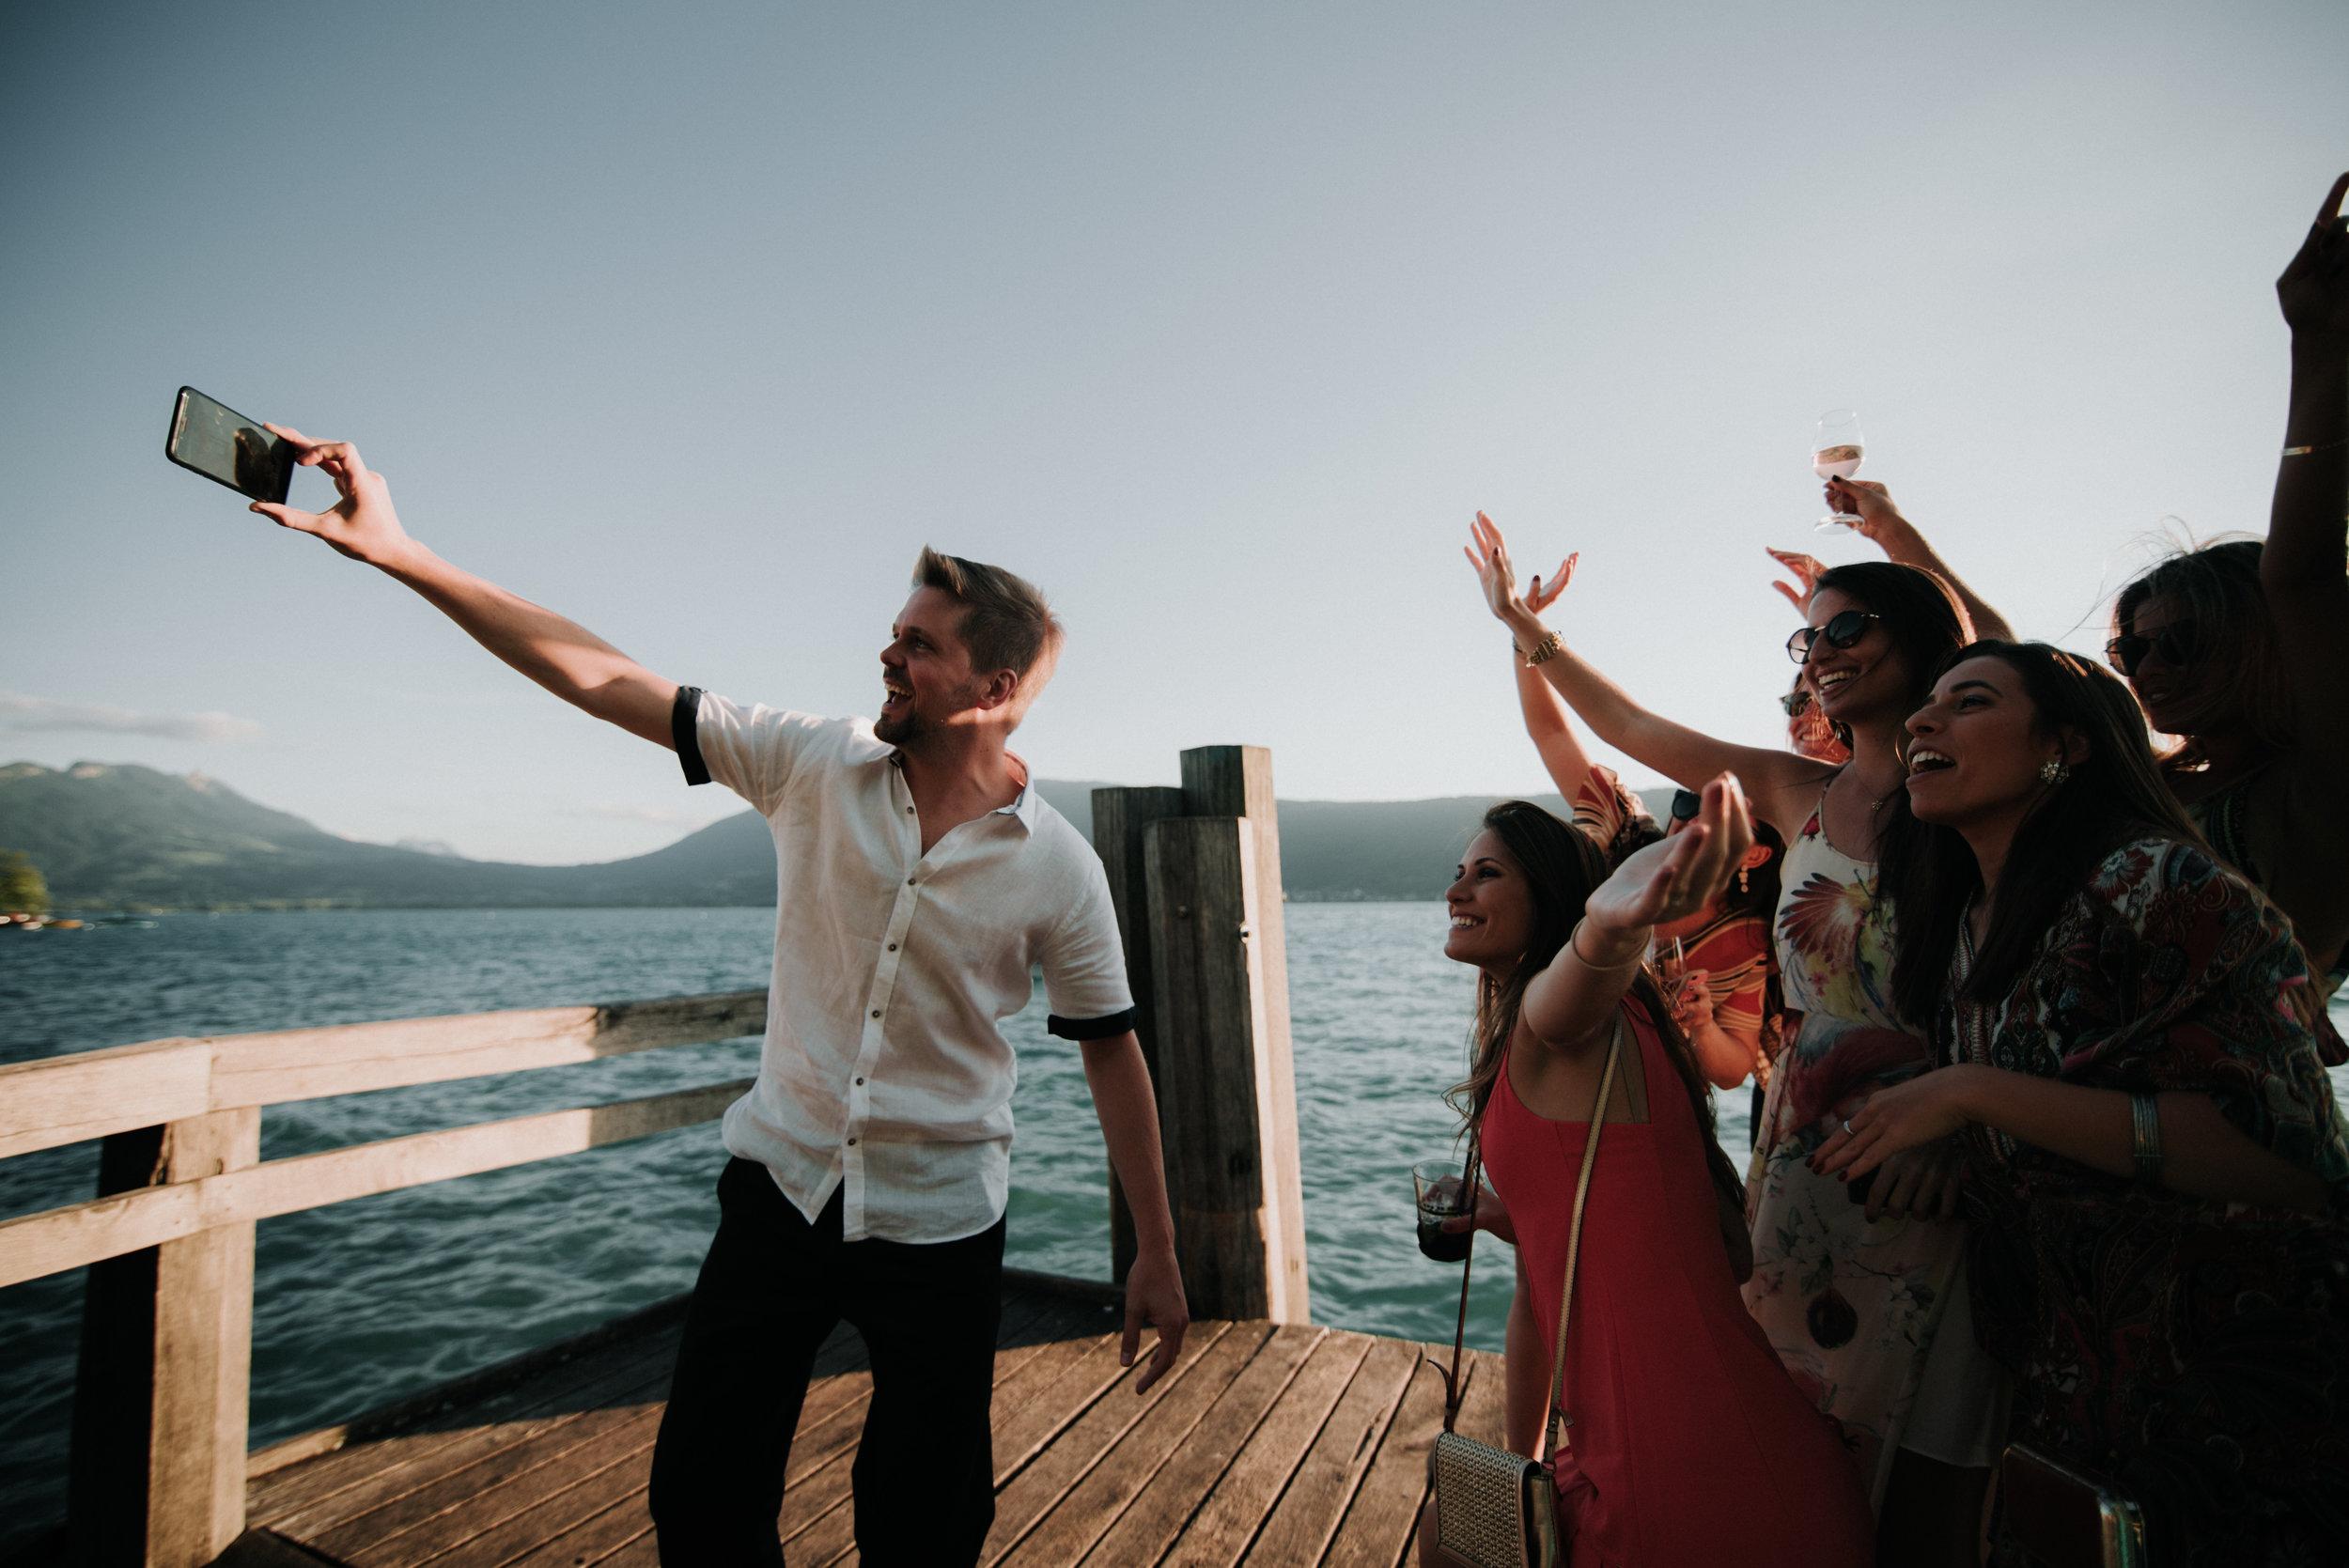 Léa-Fery-photographe-professionnel-lyon-rhone-alpes-portrait-creation-mariage-evenement-evenementiel-famille-9942.jpg